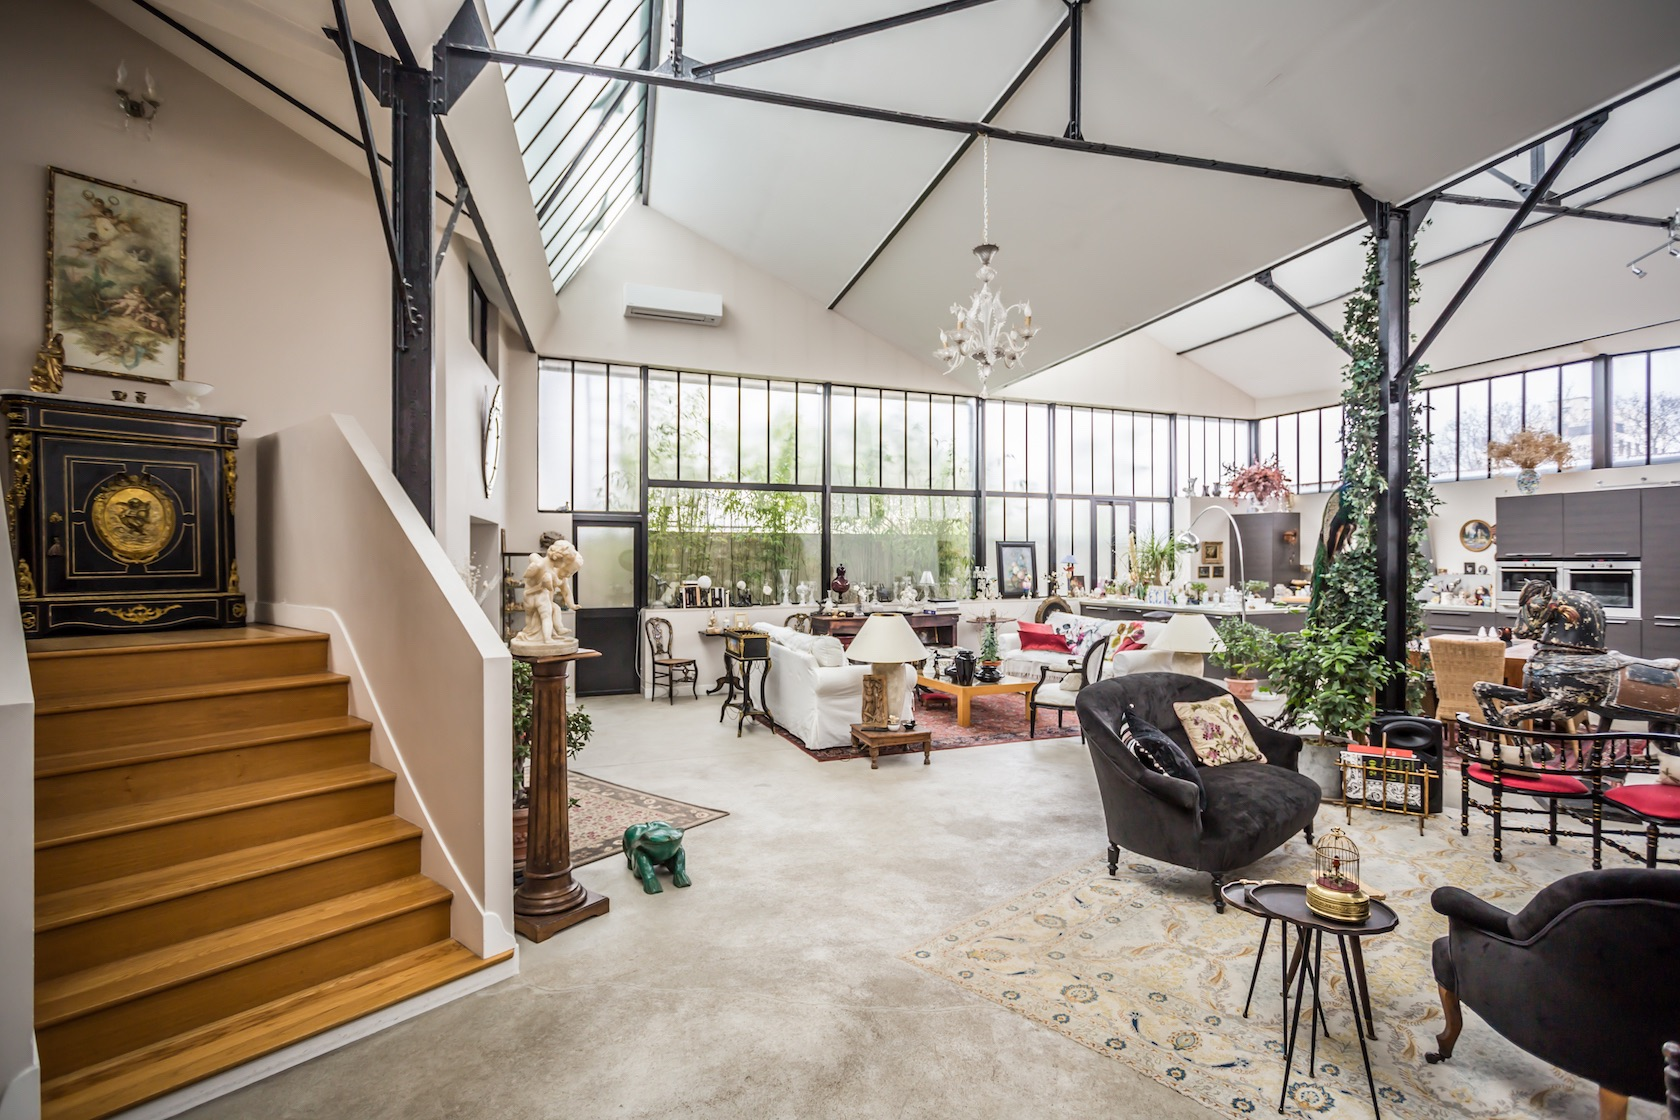 espaces atypiques loft atelier terrasse maison architecte contemporain. Black Bedroom Furniture Sets. Home Design Ideas